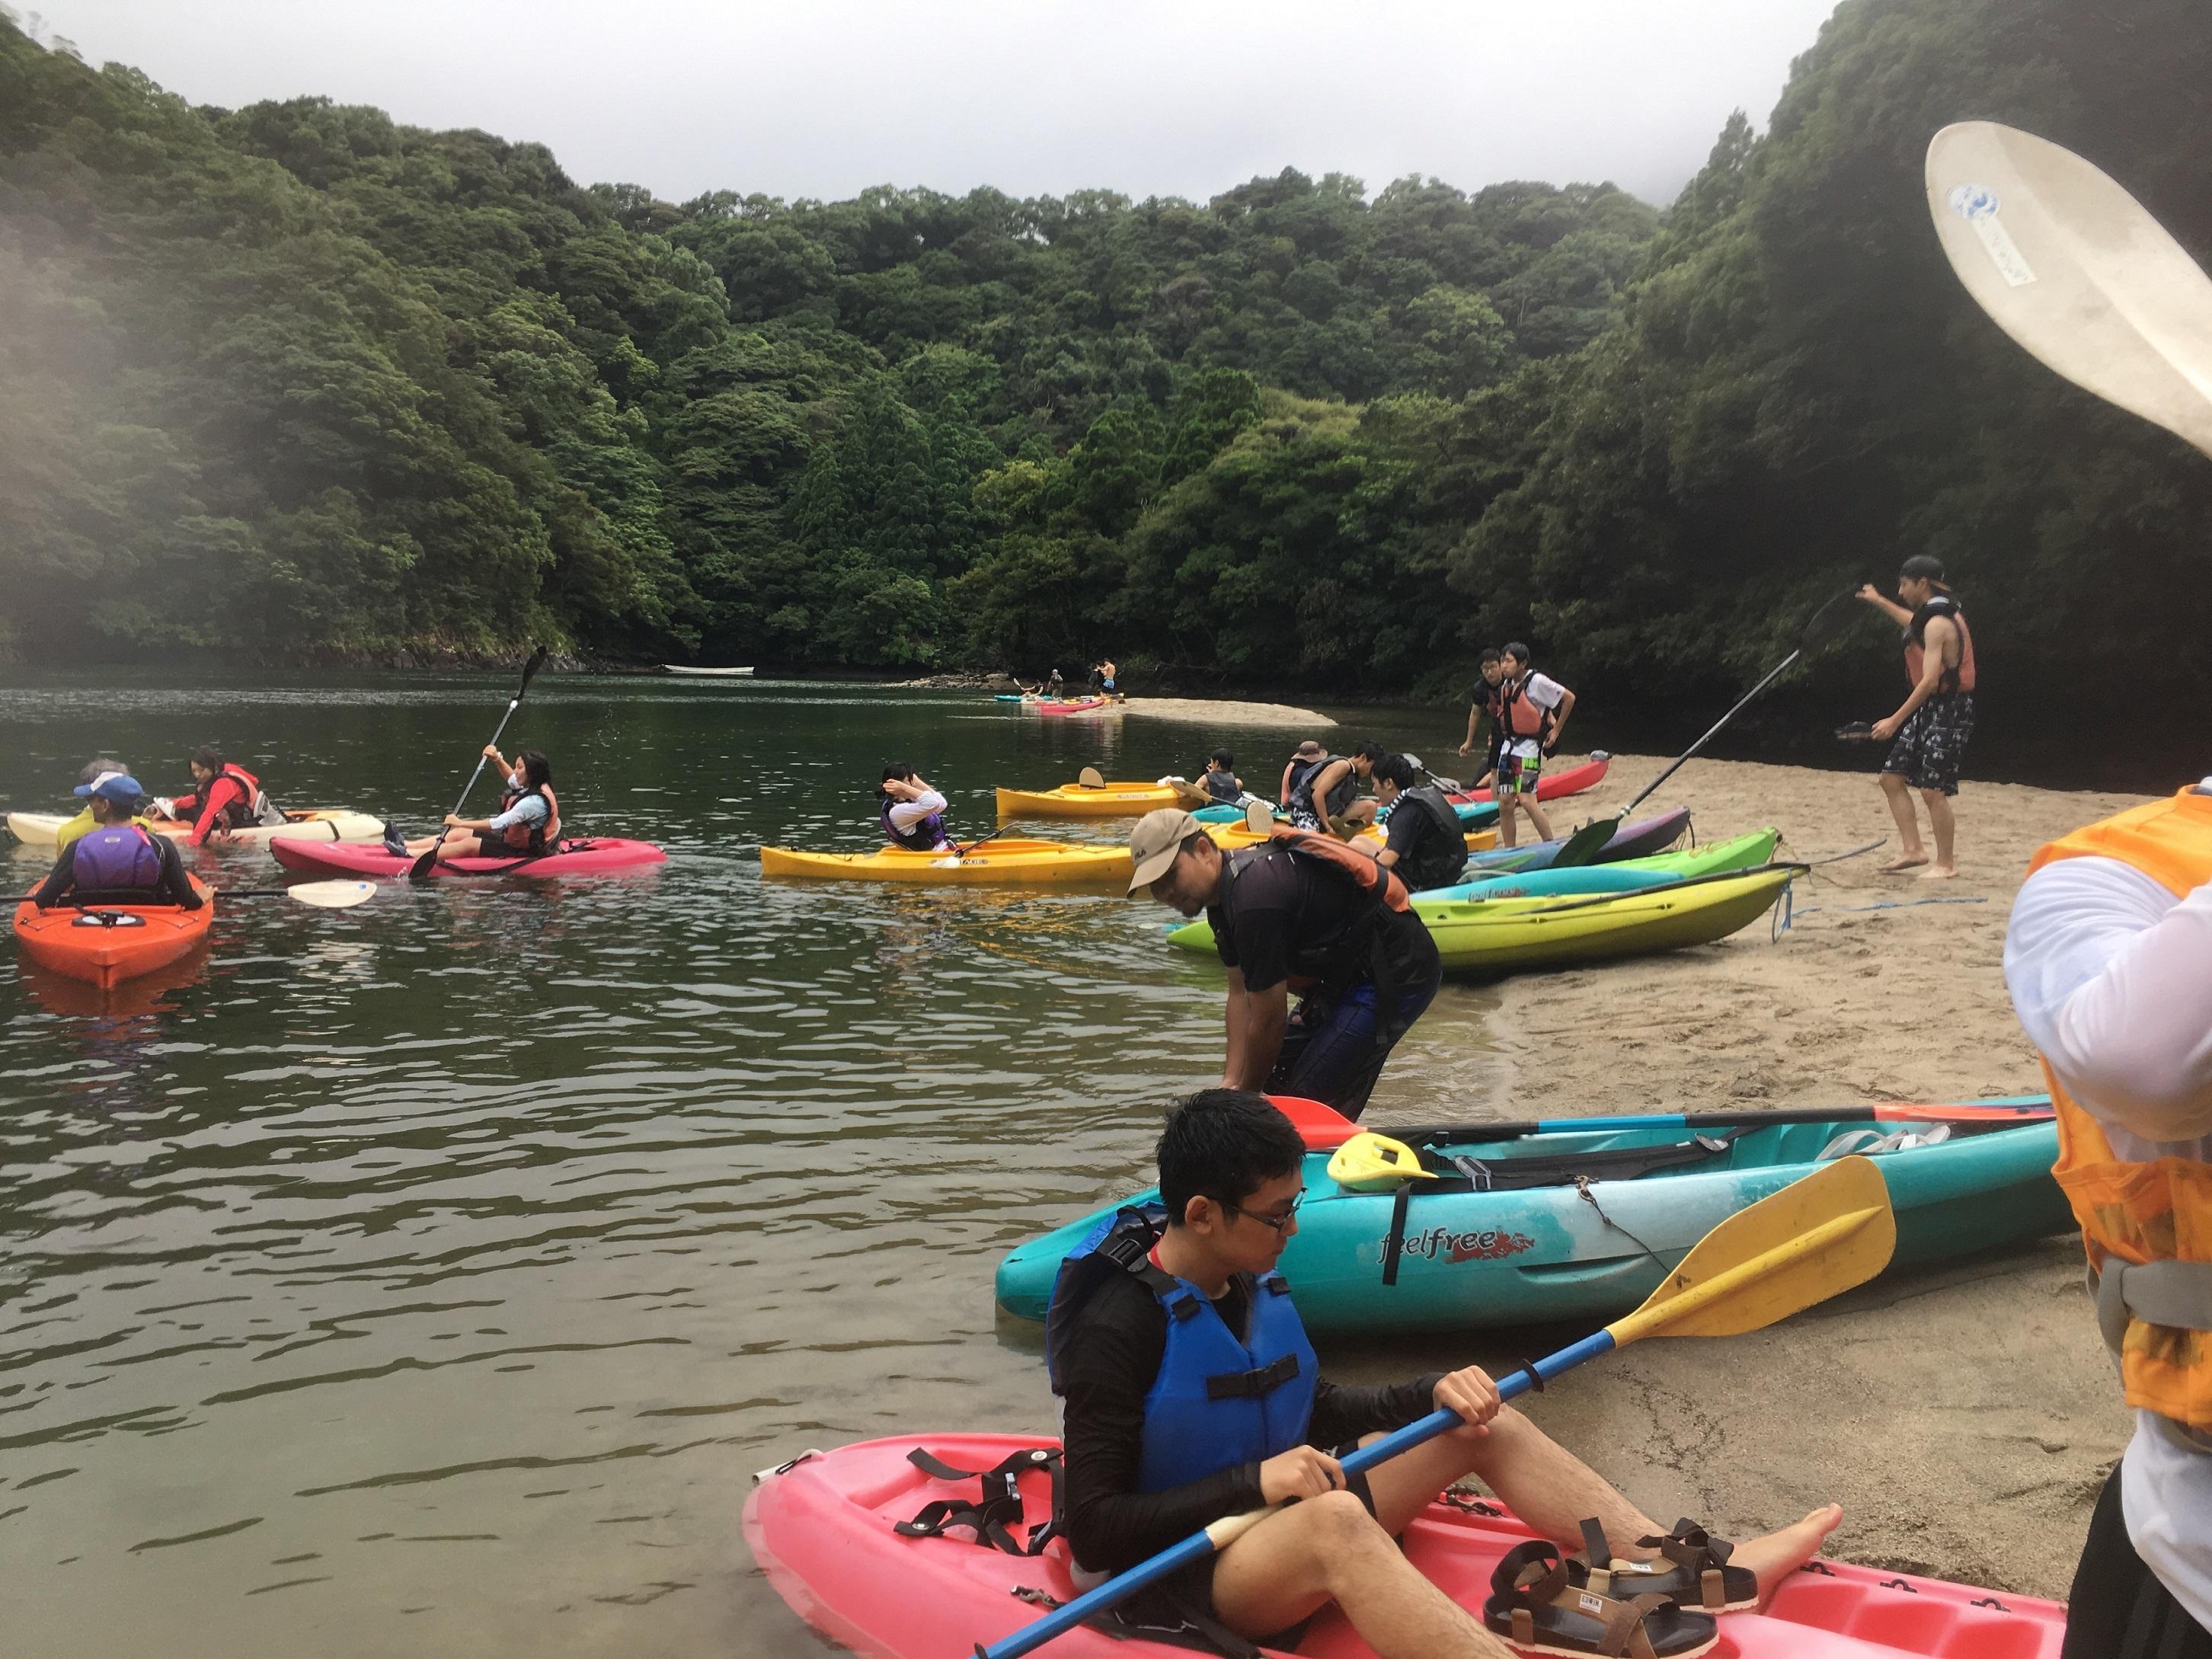 高2修学旅行(屋久島)は3日目の朝を迎えました